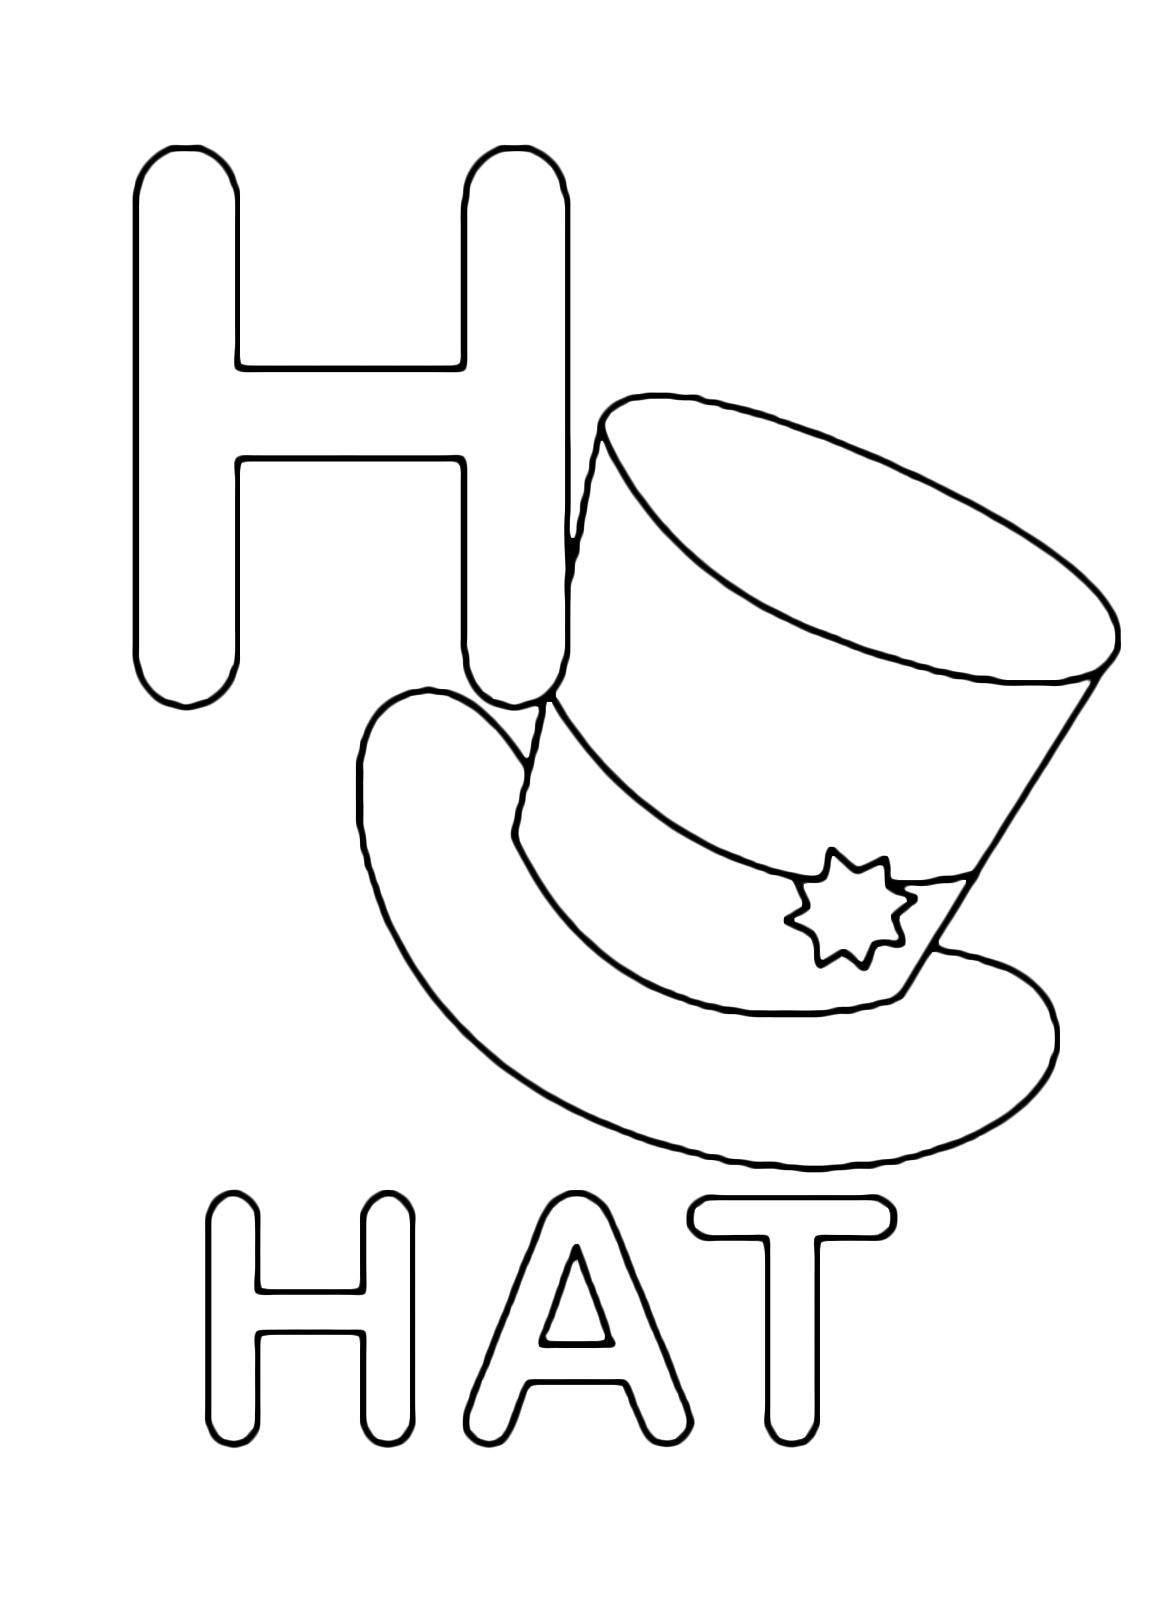 Lettere e numeri - Lettera H in stampatello di hat ...